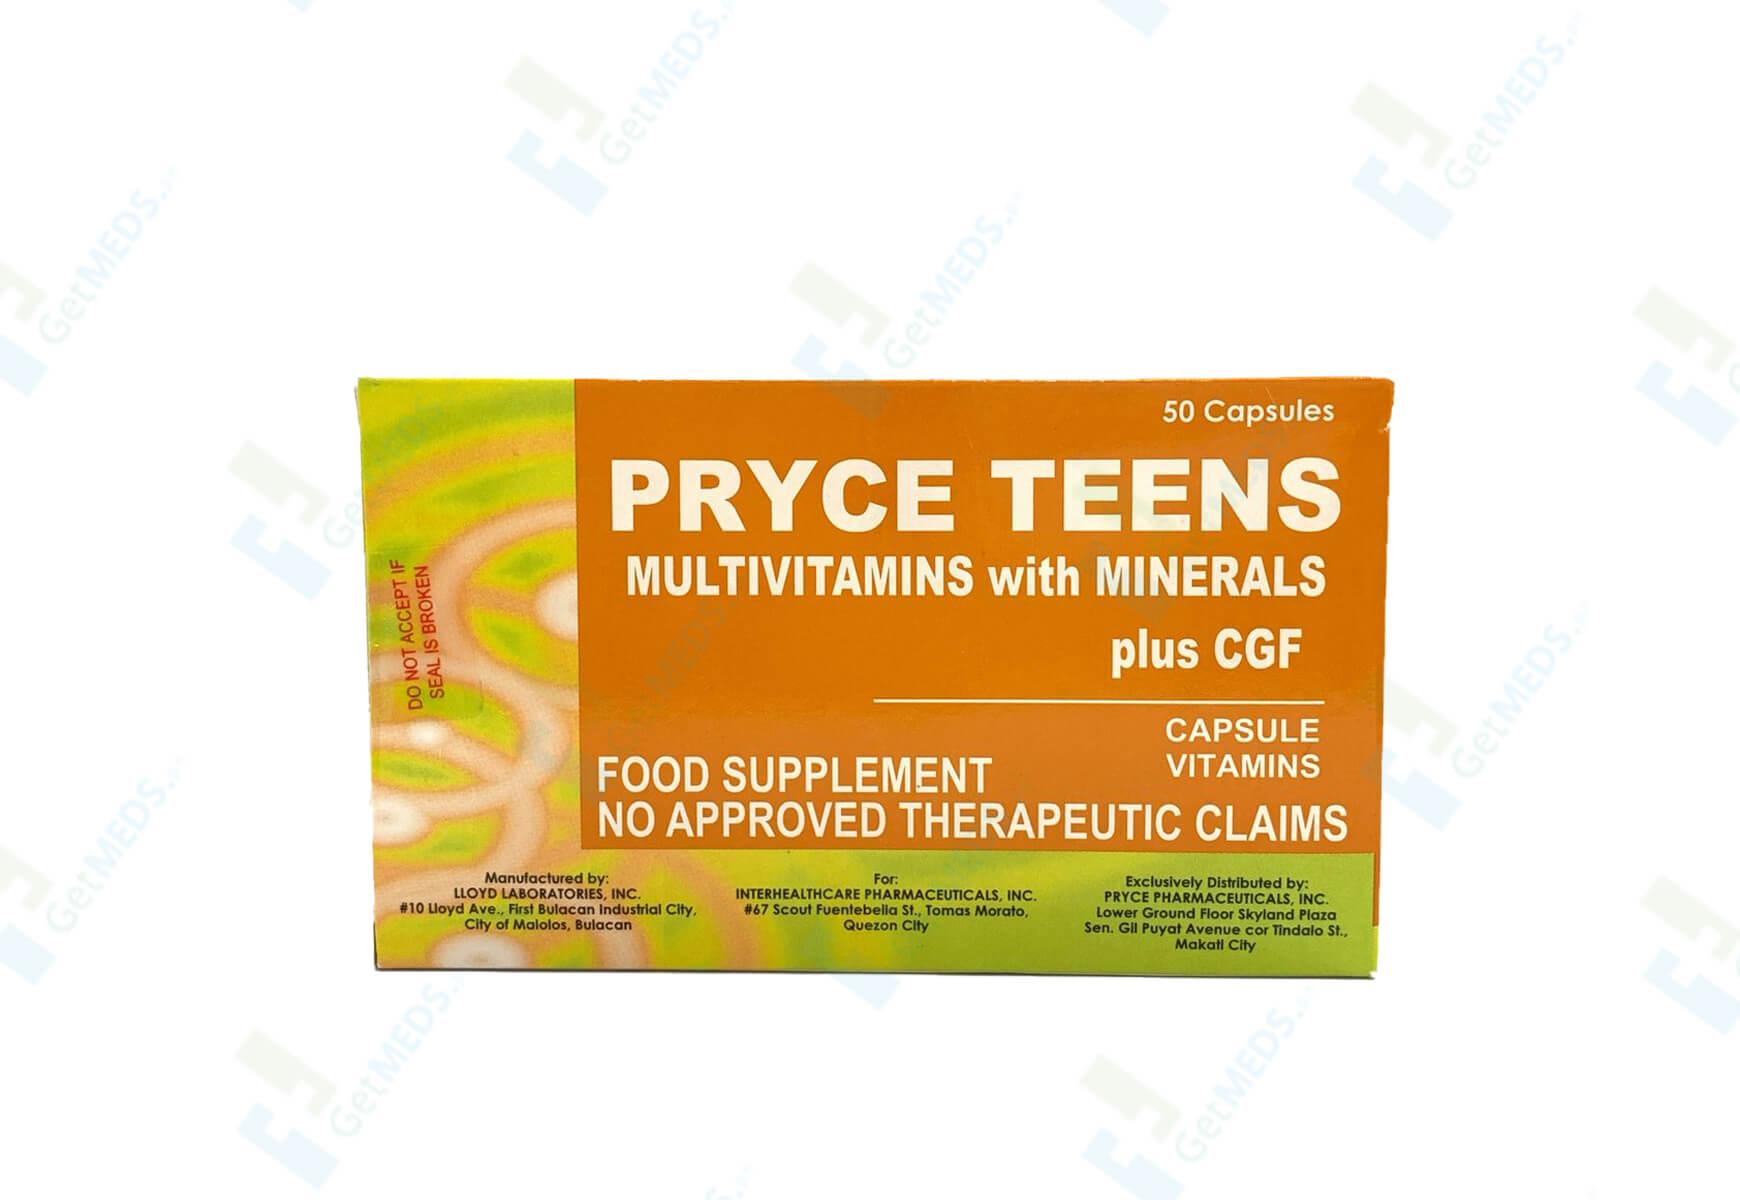 Pryce Teens